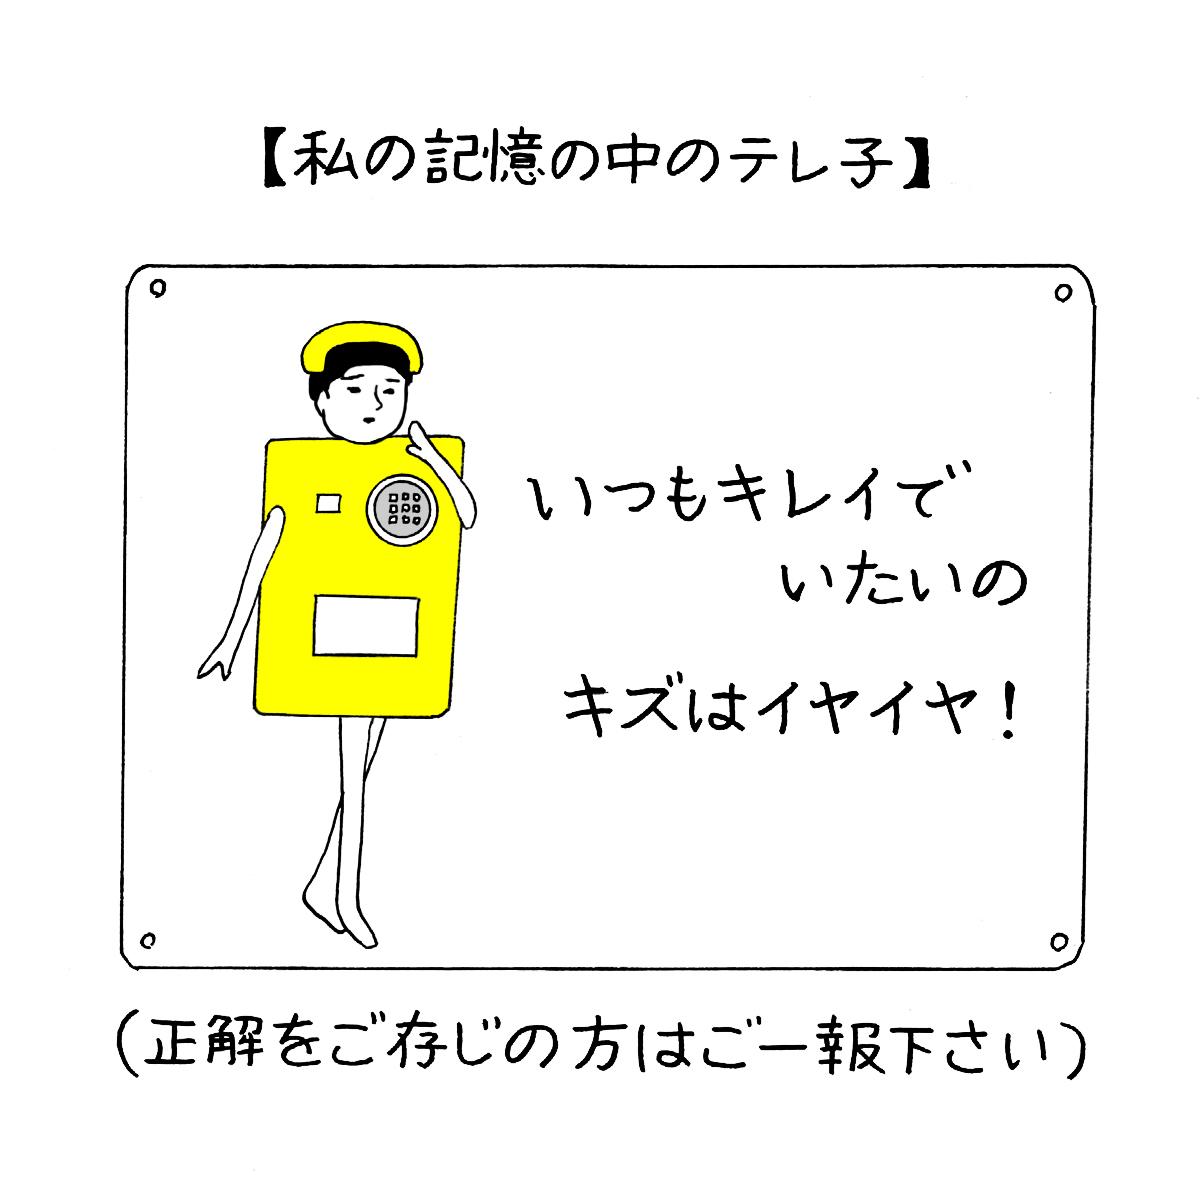 sanponotsubo-13-shusei